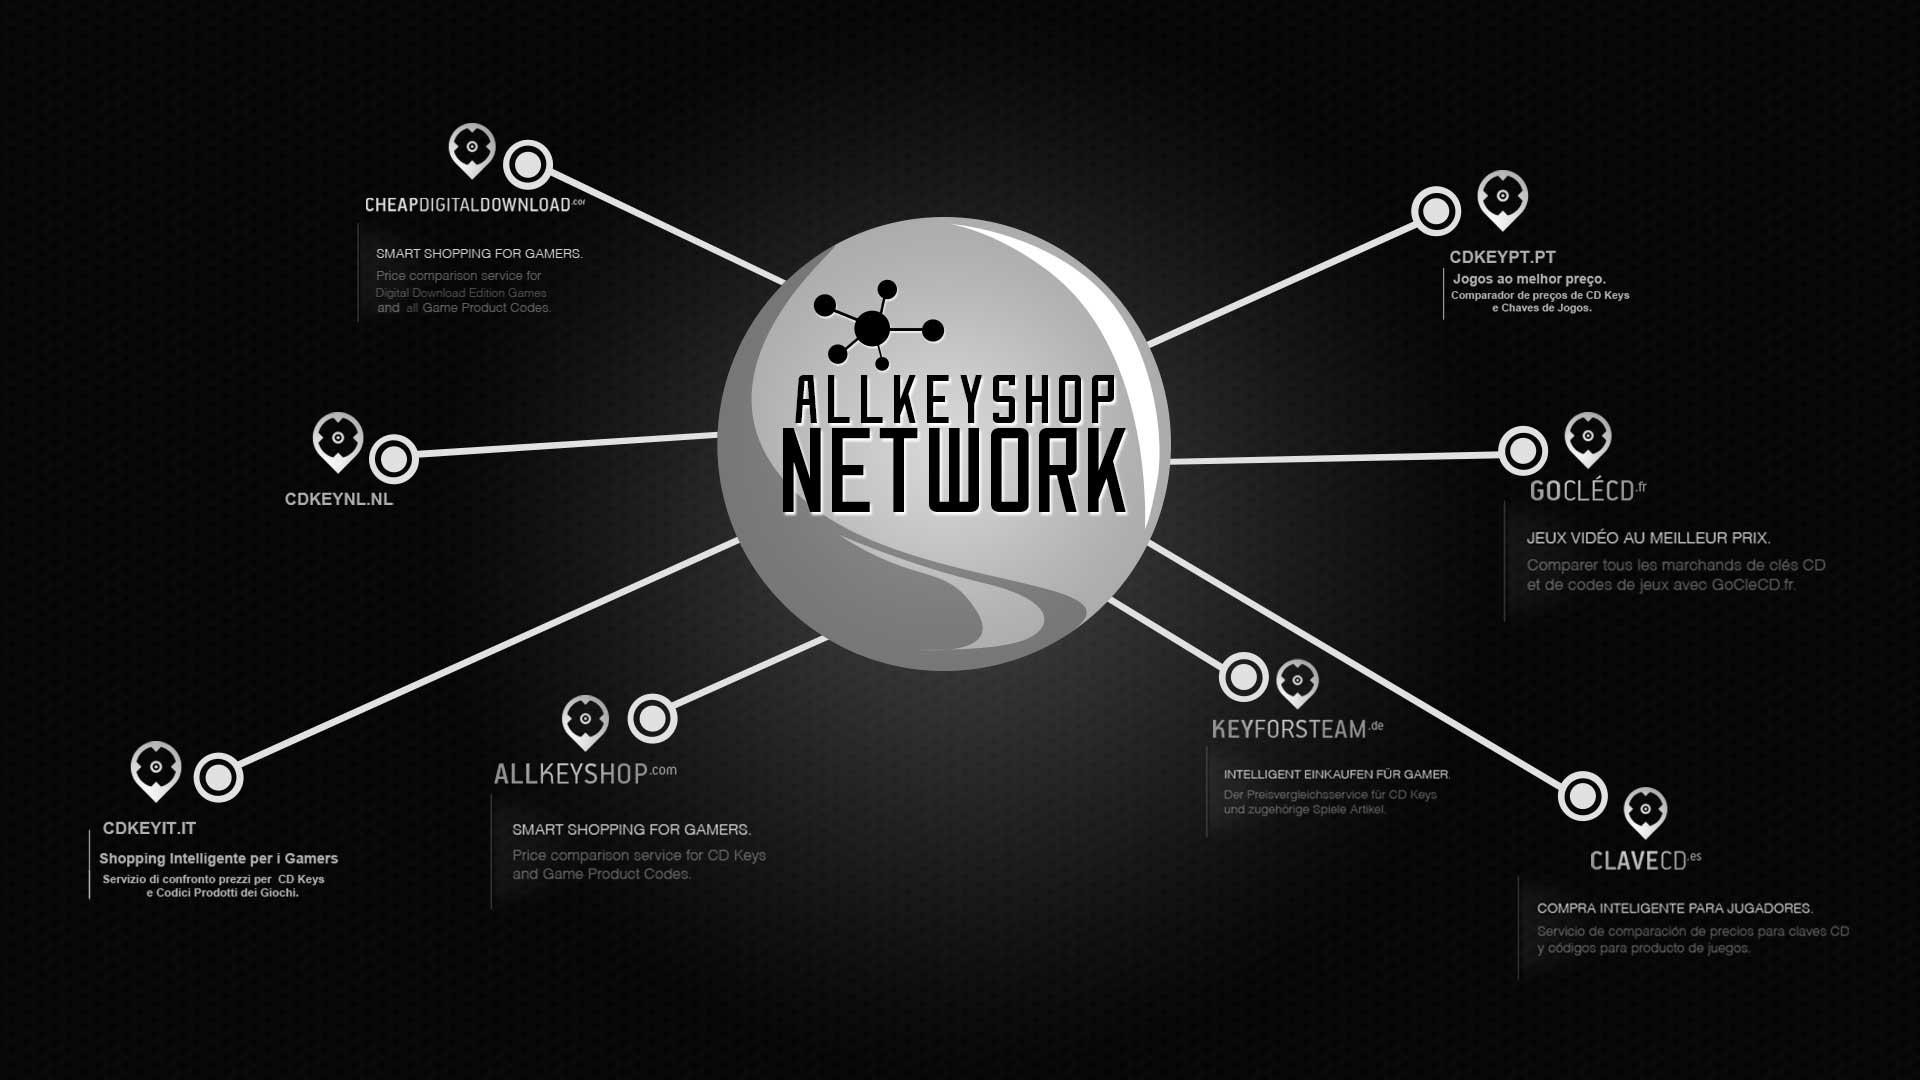 Top 20 jeux vidéos 2015 de Allkeyshop Network!